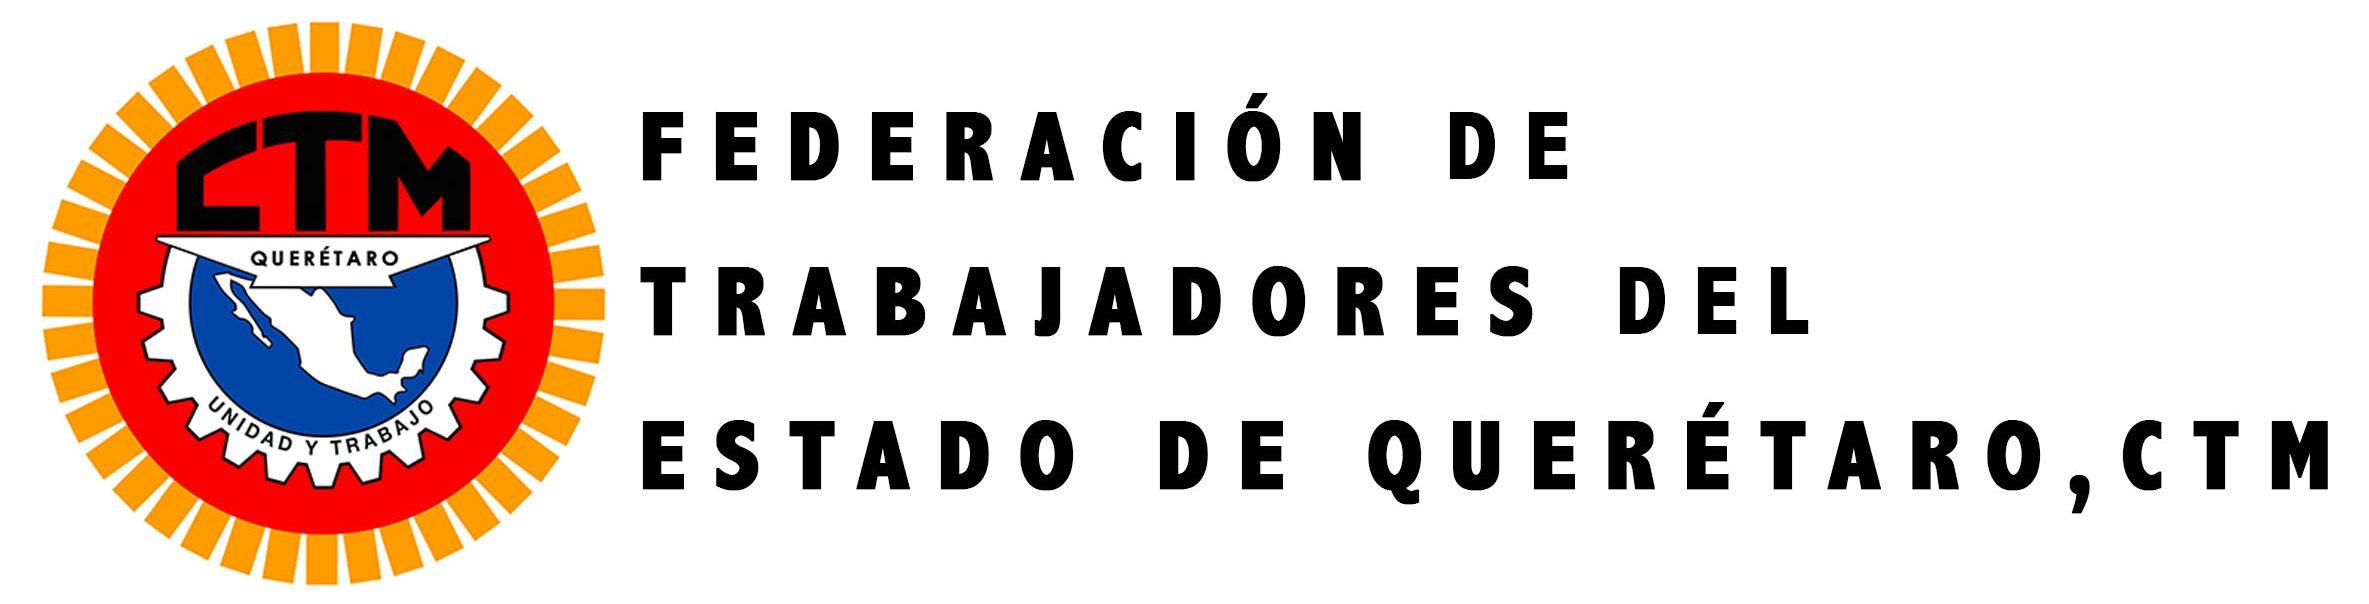 Federación de Trabajadores del Estado de Querétaro